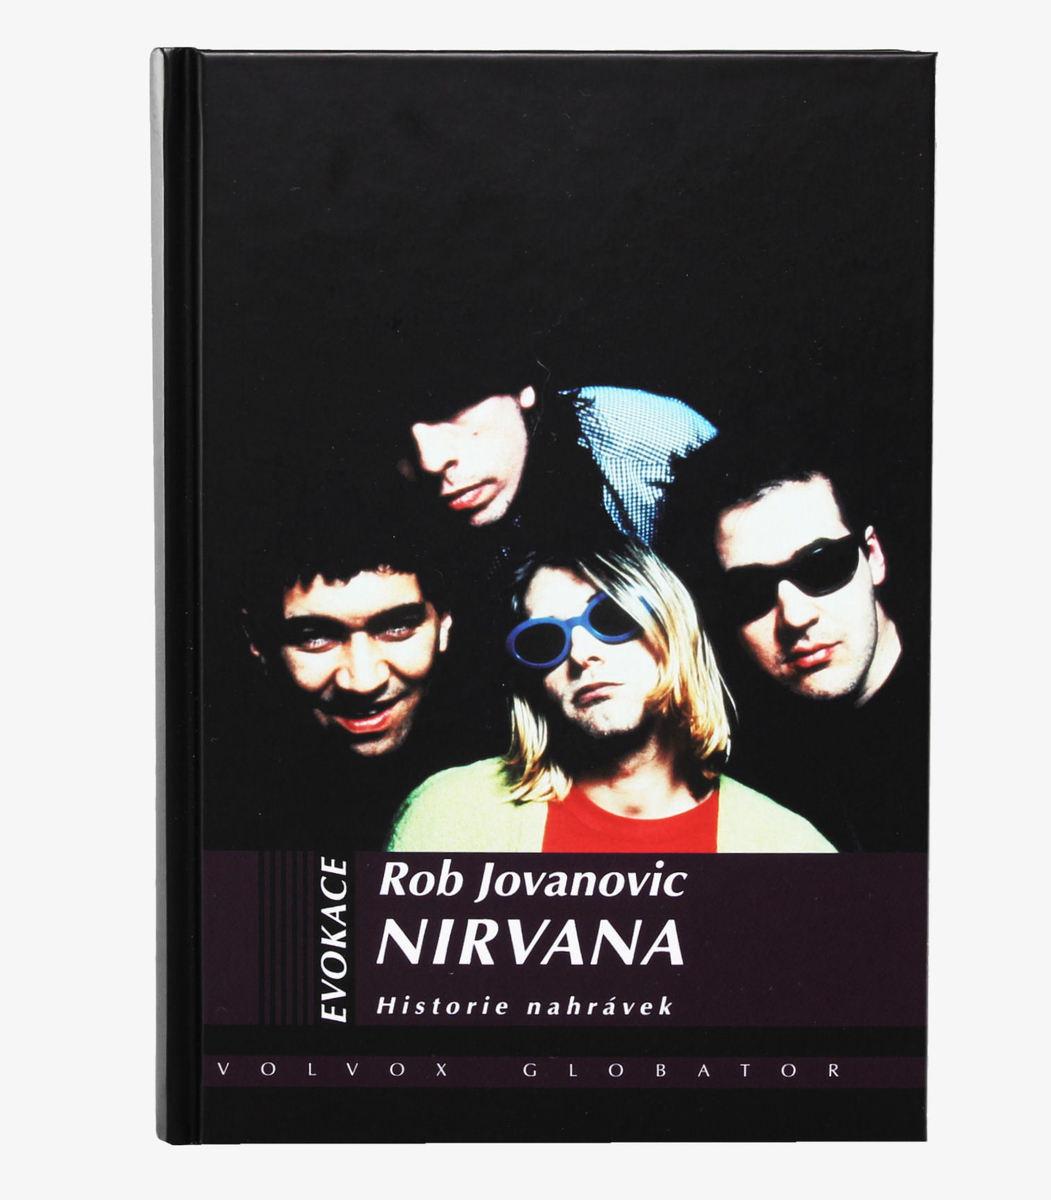 kniha Nirvana - História nahrávok - Rob Jovanovic